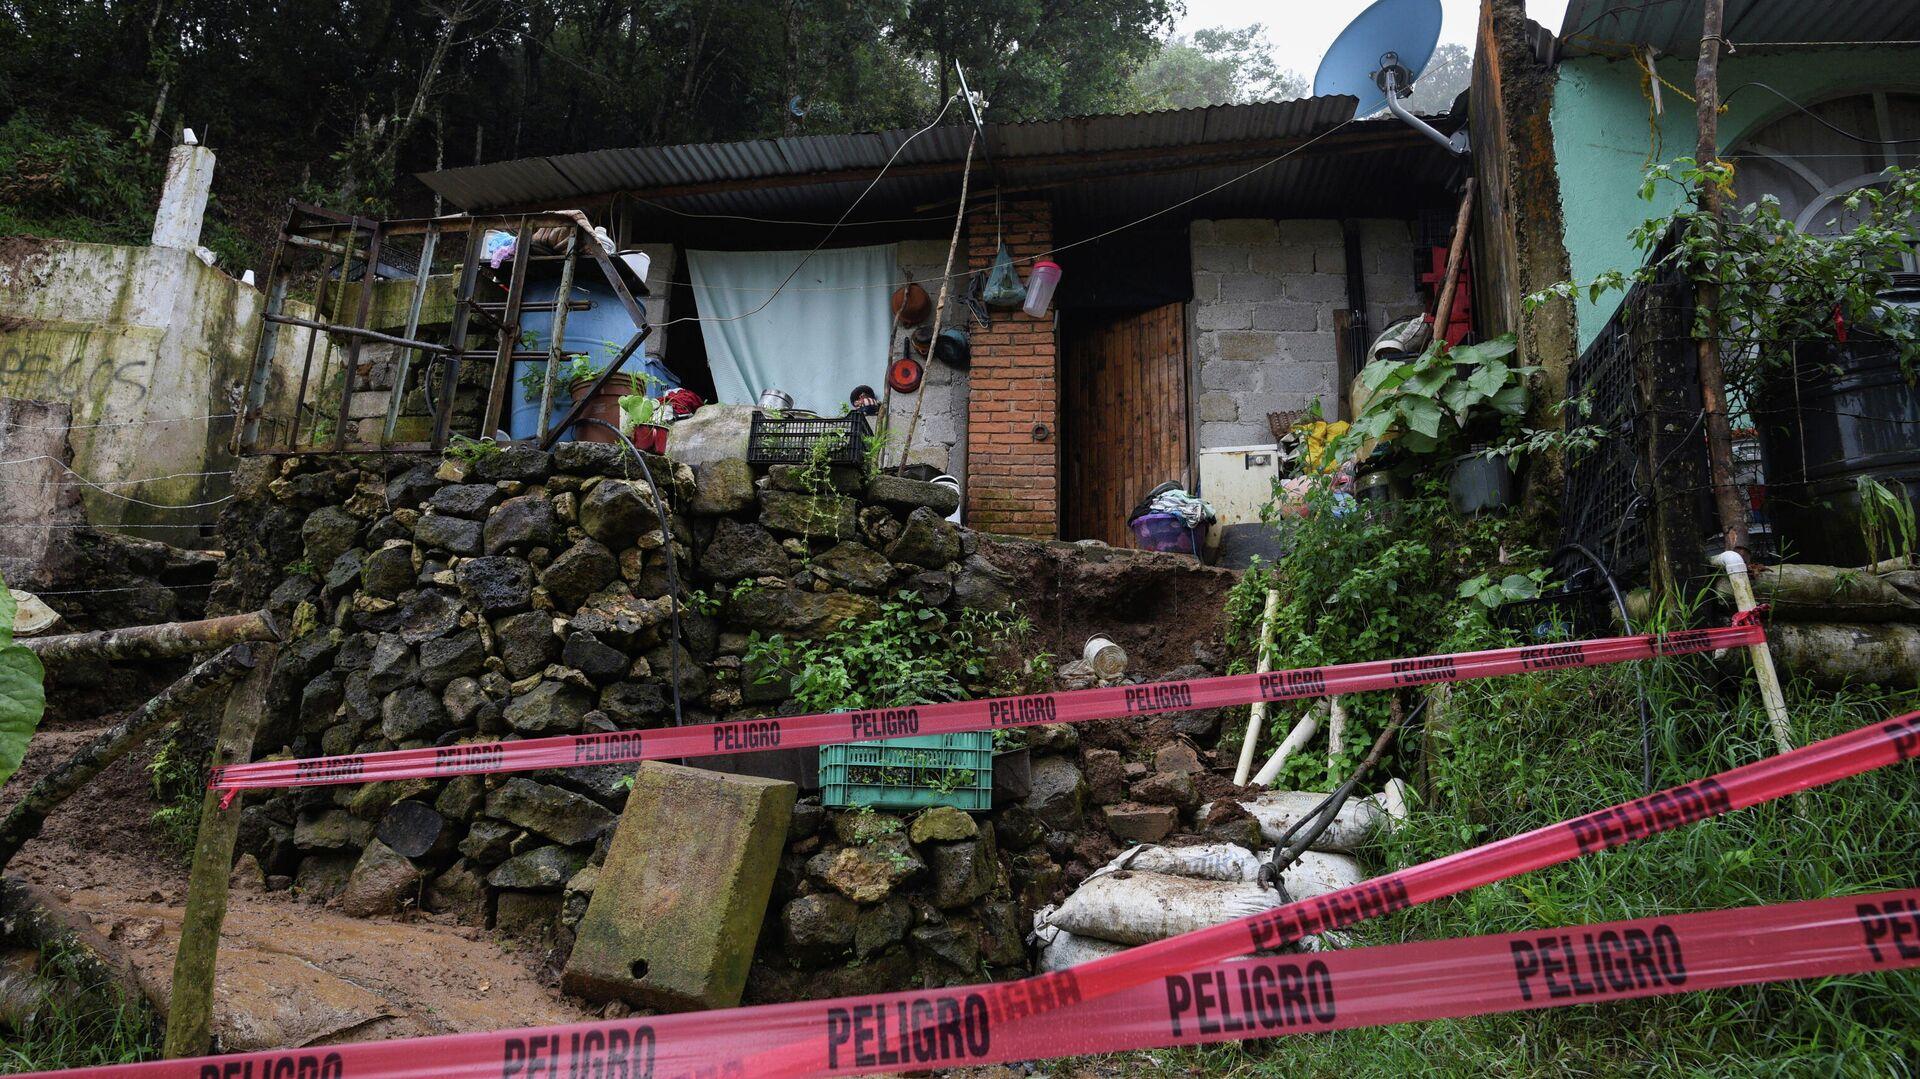 Una casa afectada por el huracán Grace en Xalapa, México - Sputnik Mundo, 1920, 23.08.2021